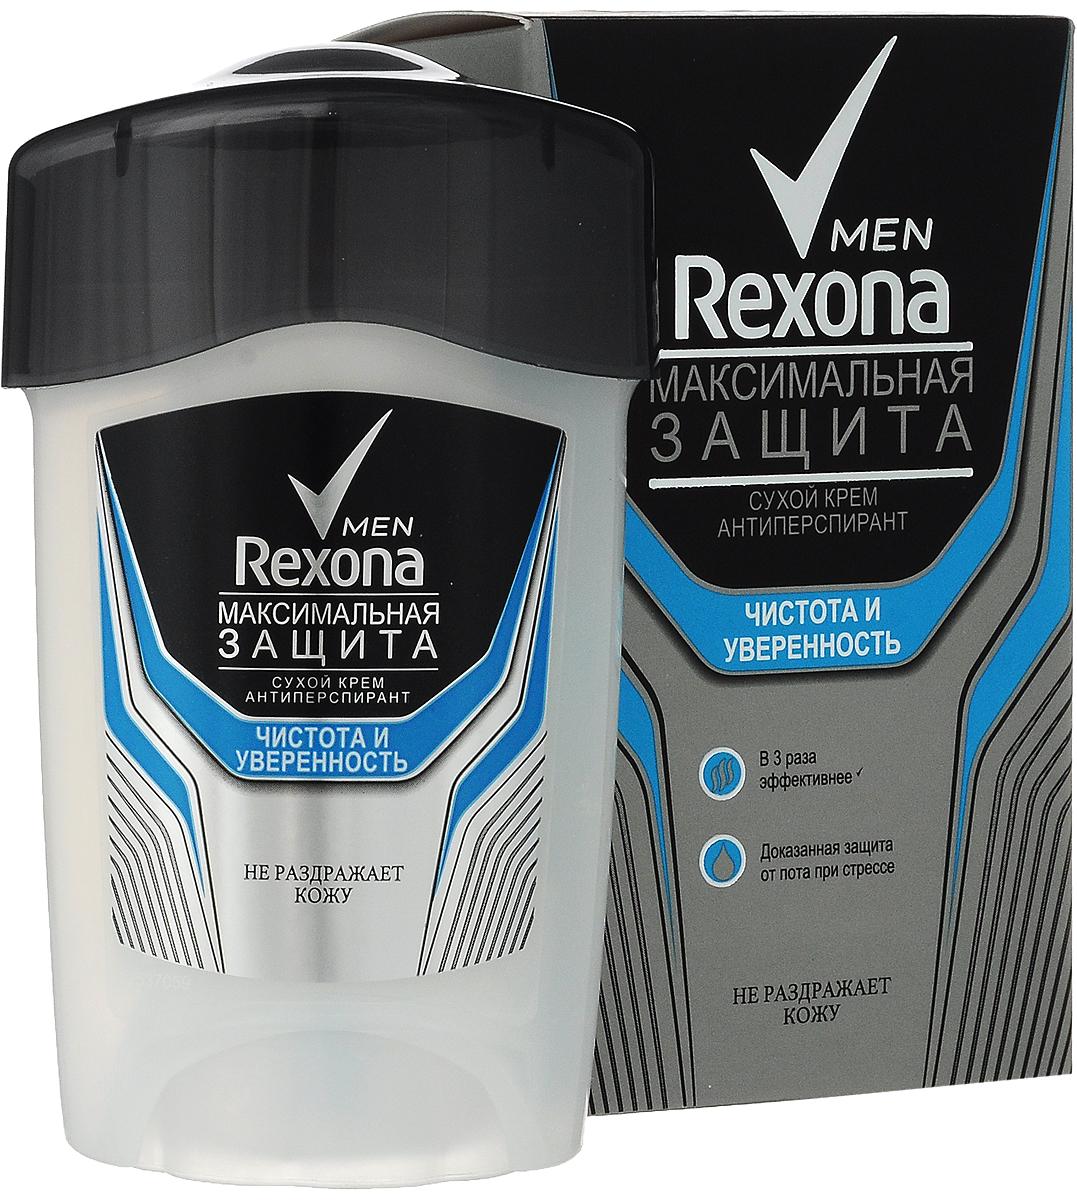 Rexona Men Антиперспирант крем Чистота и уверенность 45 мл